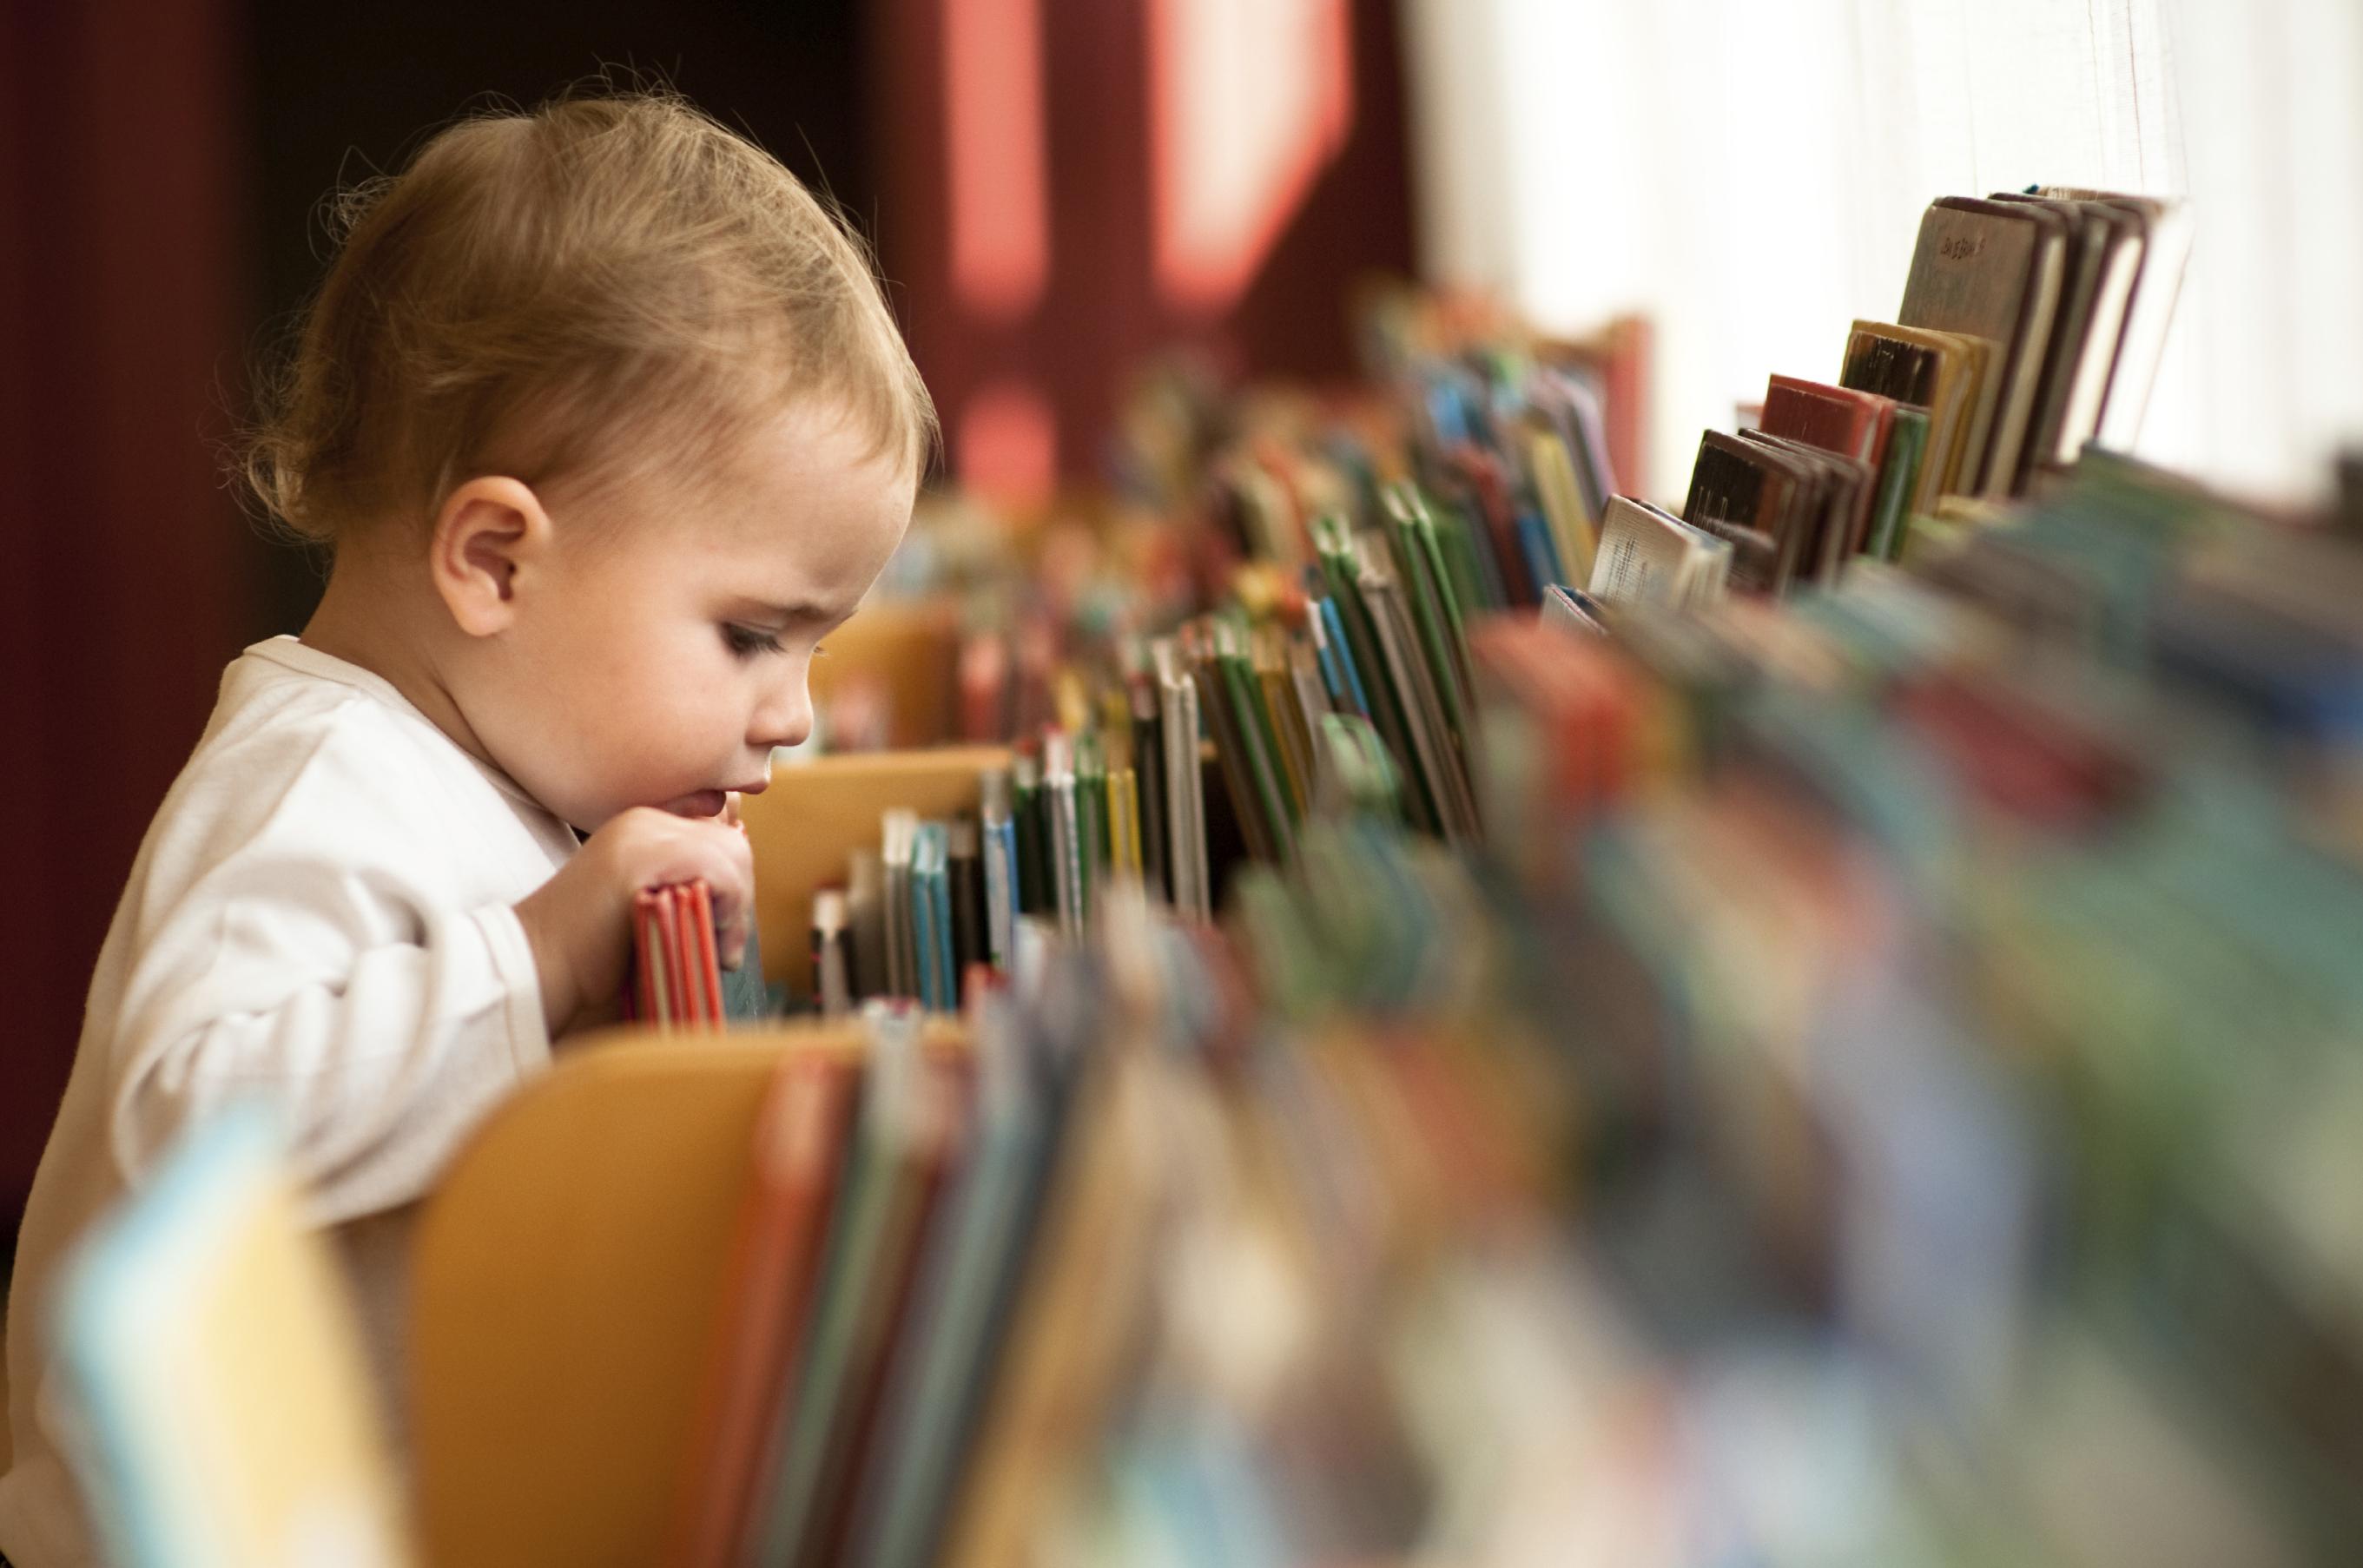 Phénomène : Et si on lisait dès la naissance ? 1